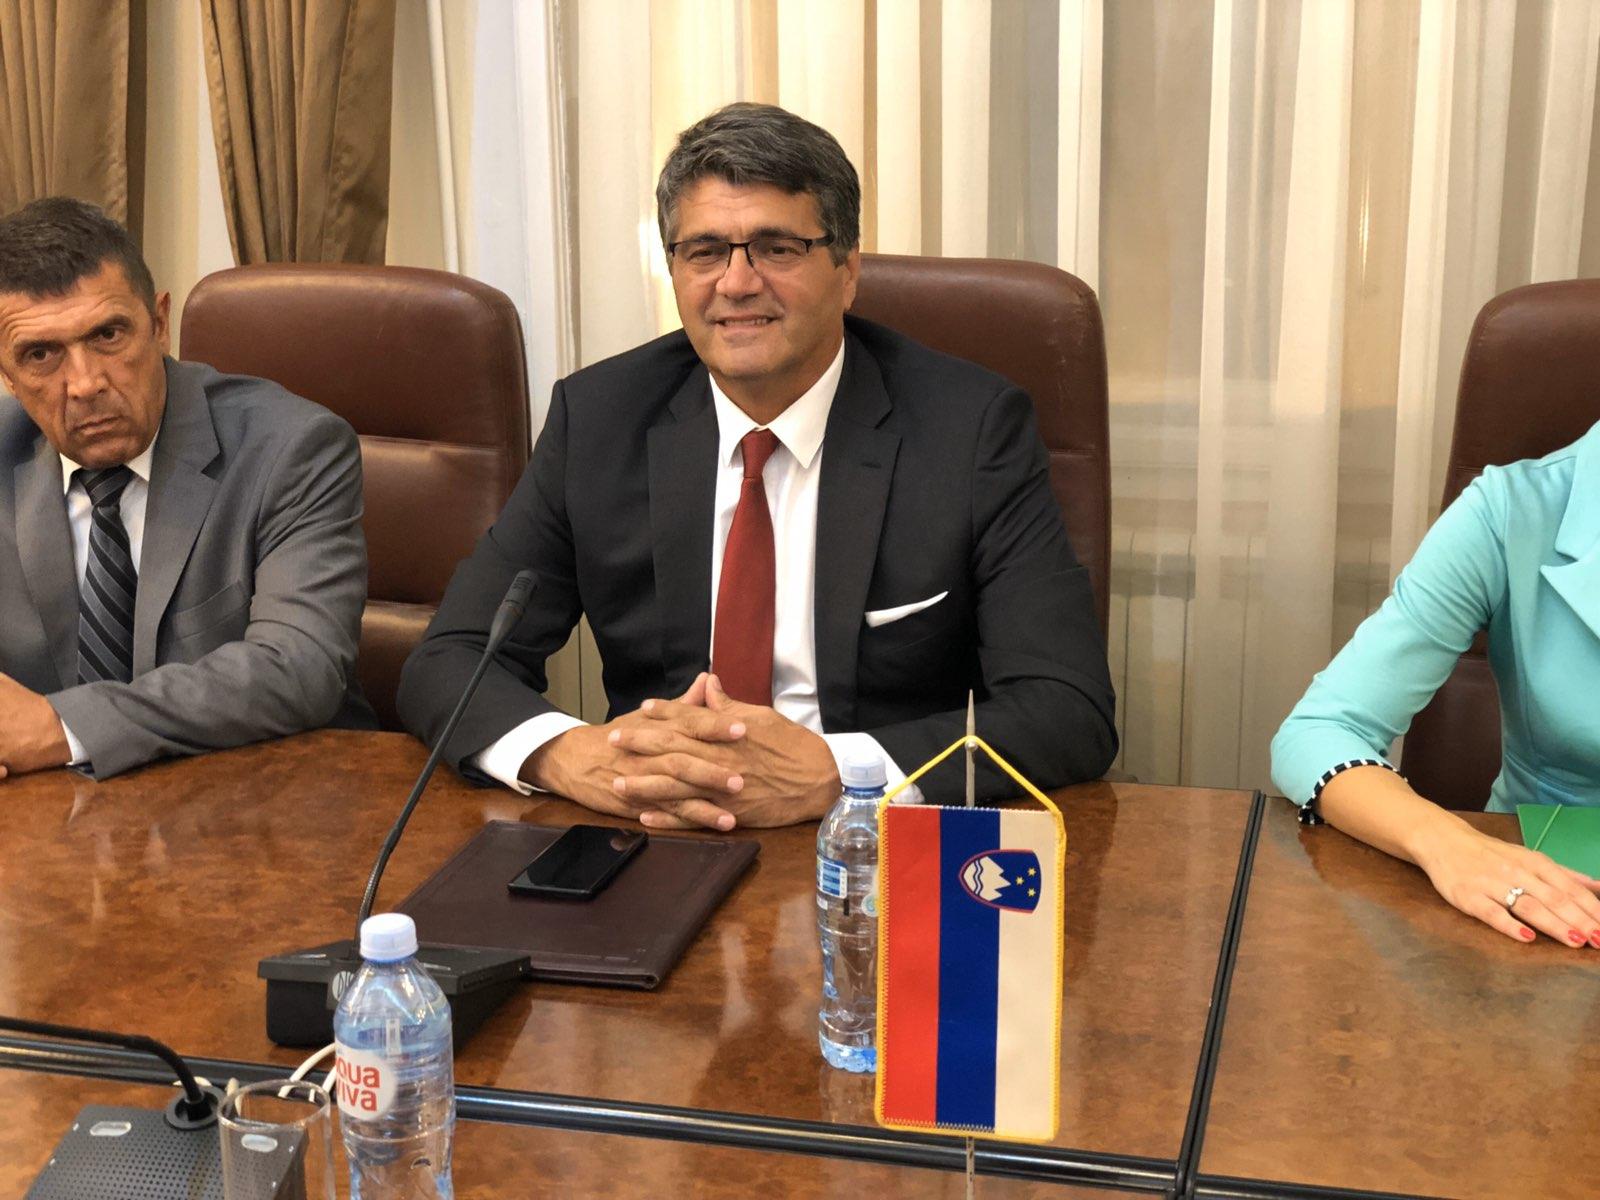 Дарко Булатовић, фото: Нишке новине